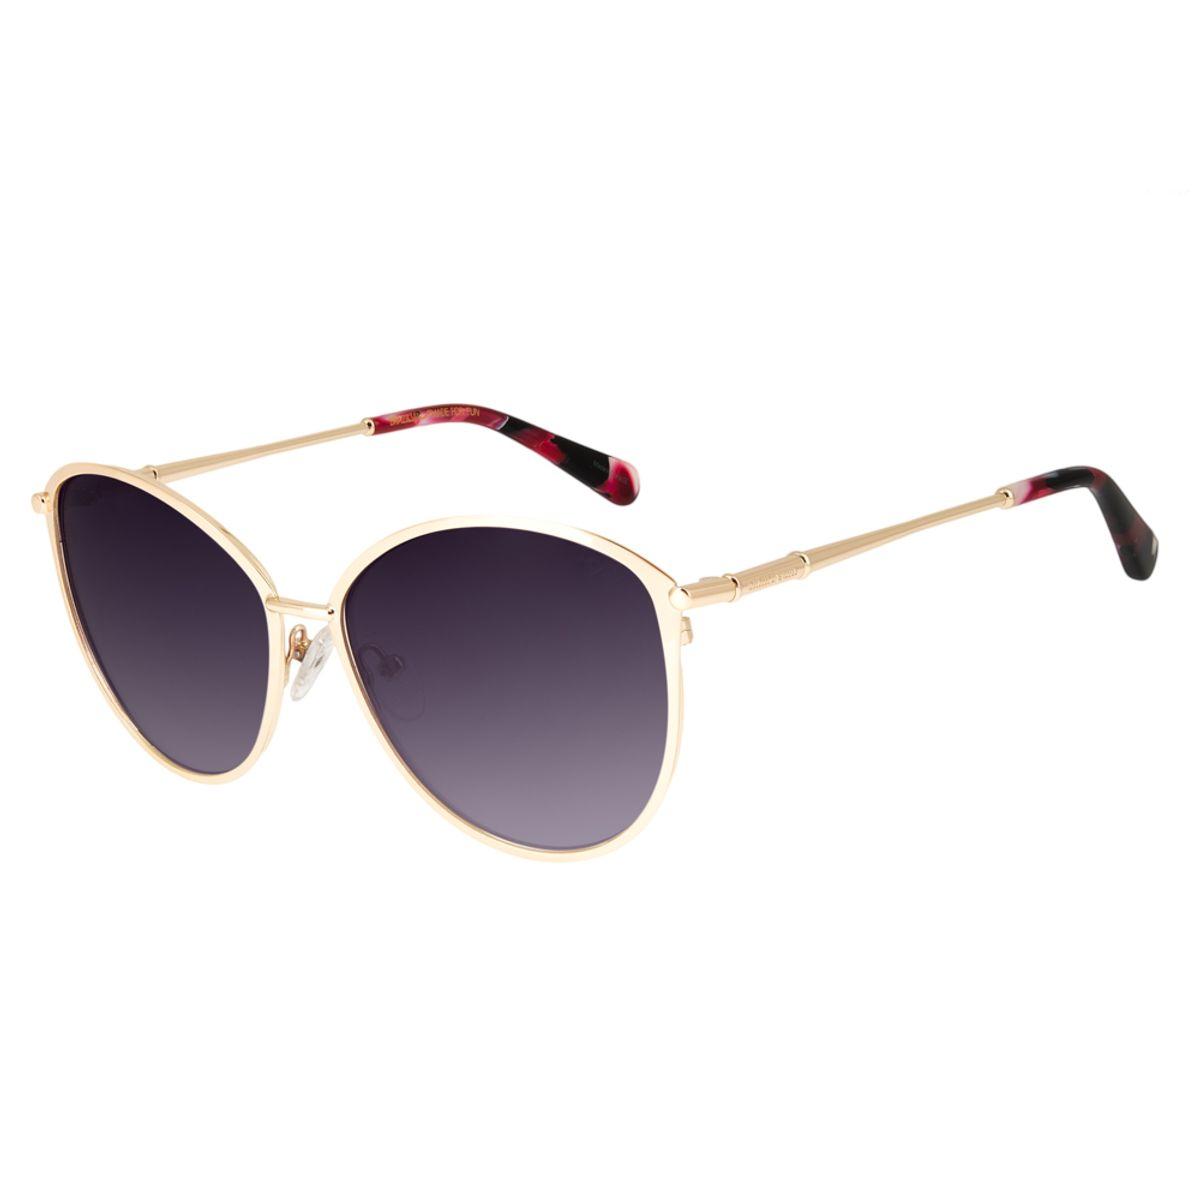 627133030803e Óculos de Sol Chilli Beans Feminino Gatinho Metal Dourado 2607 ...